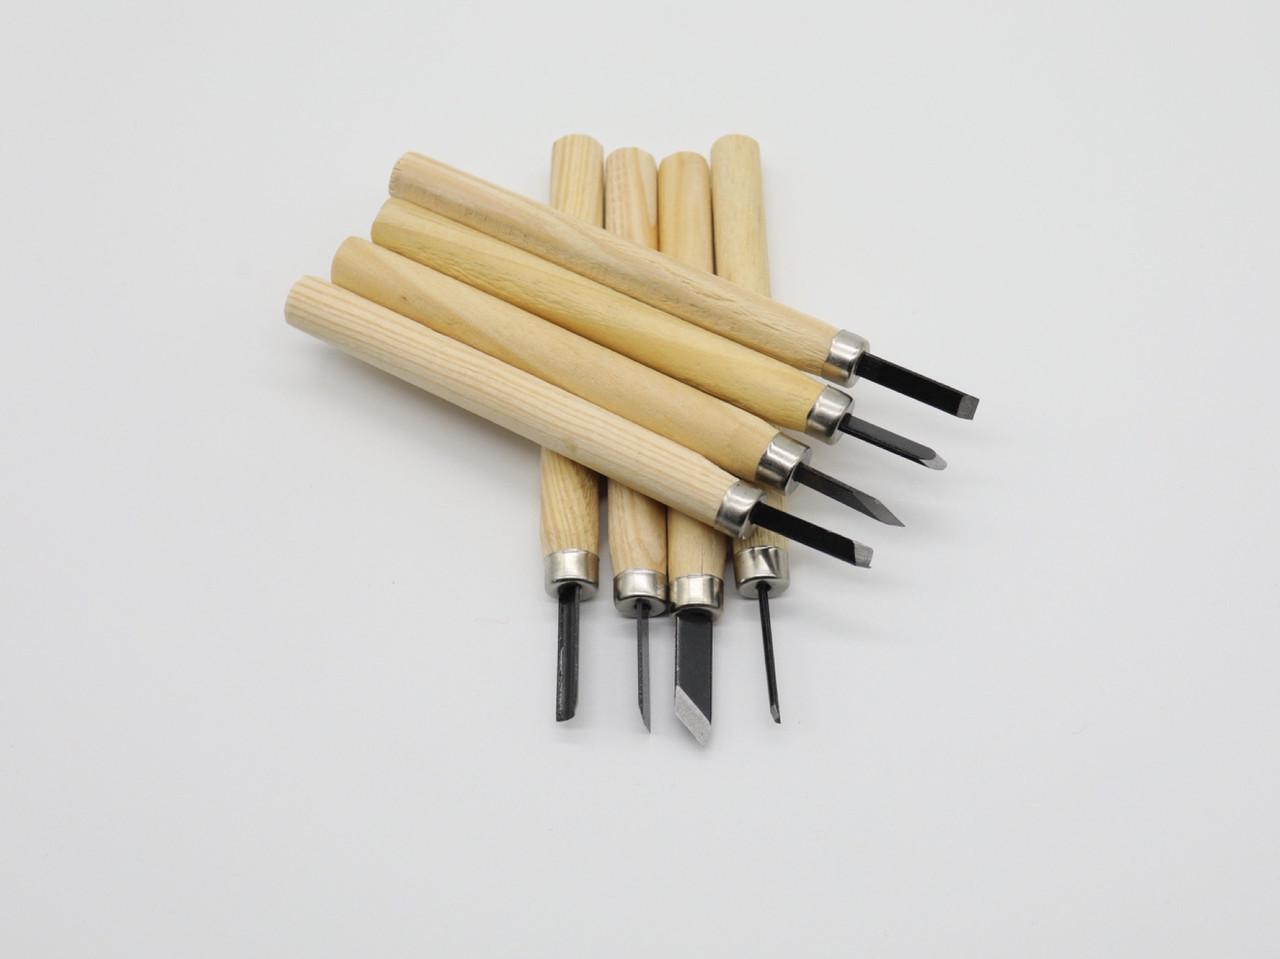 Стамески для резьбы по дереву. 8шт